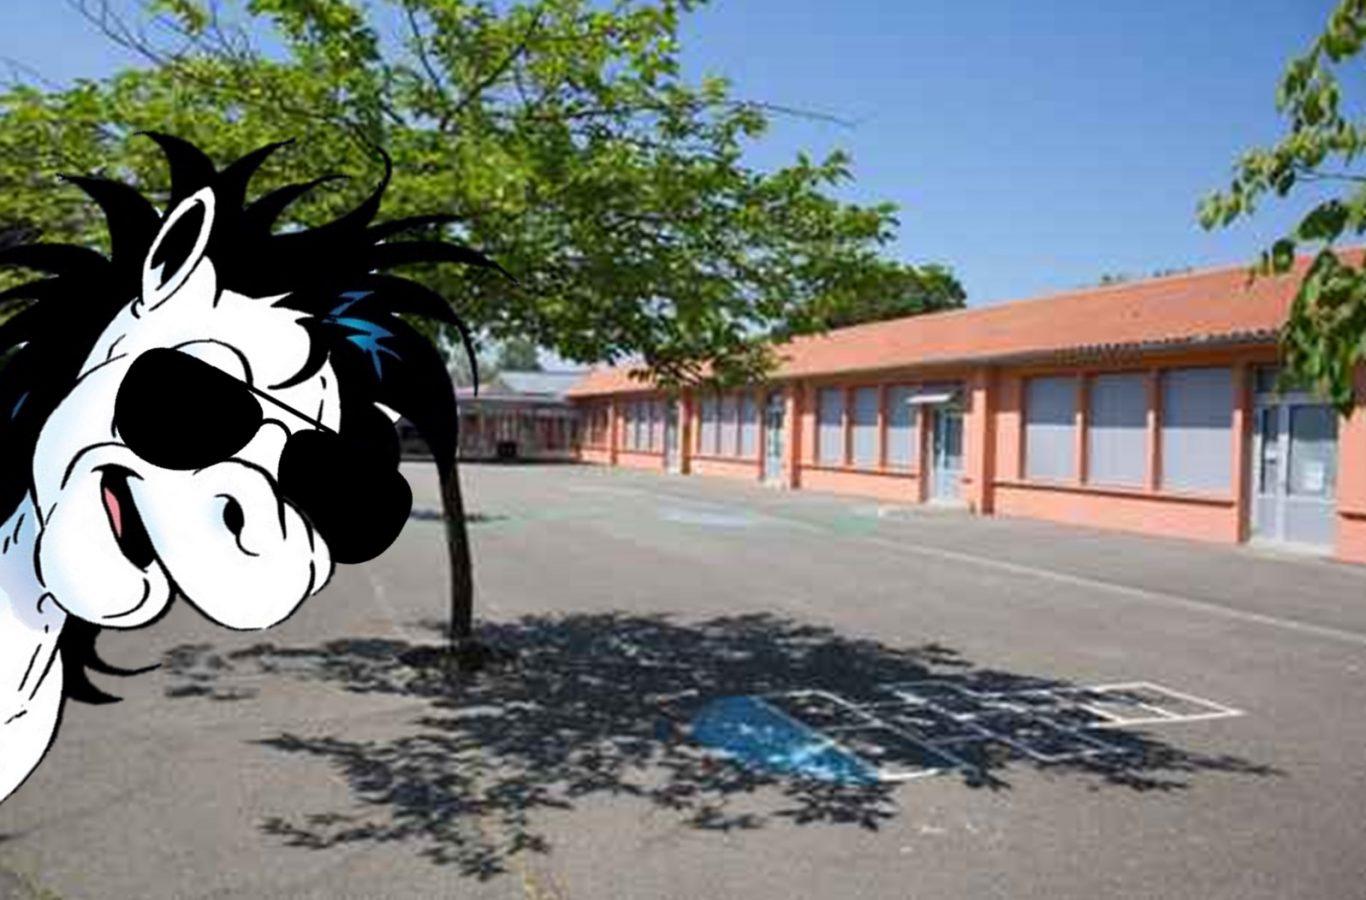 mulle skola